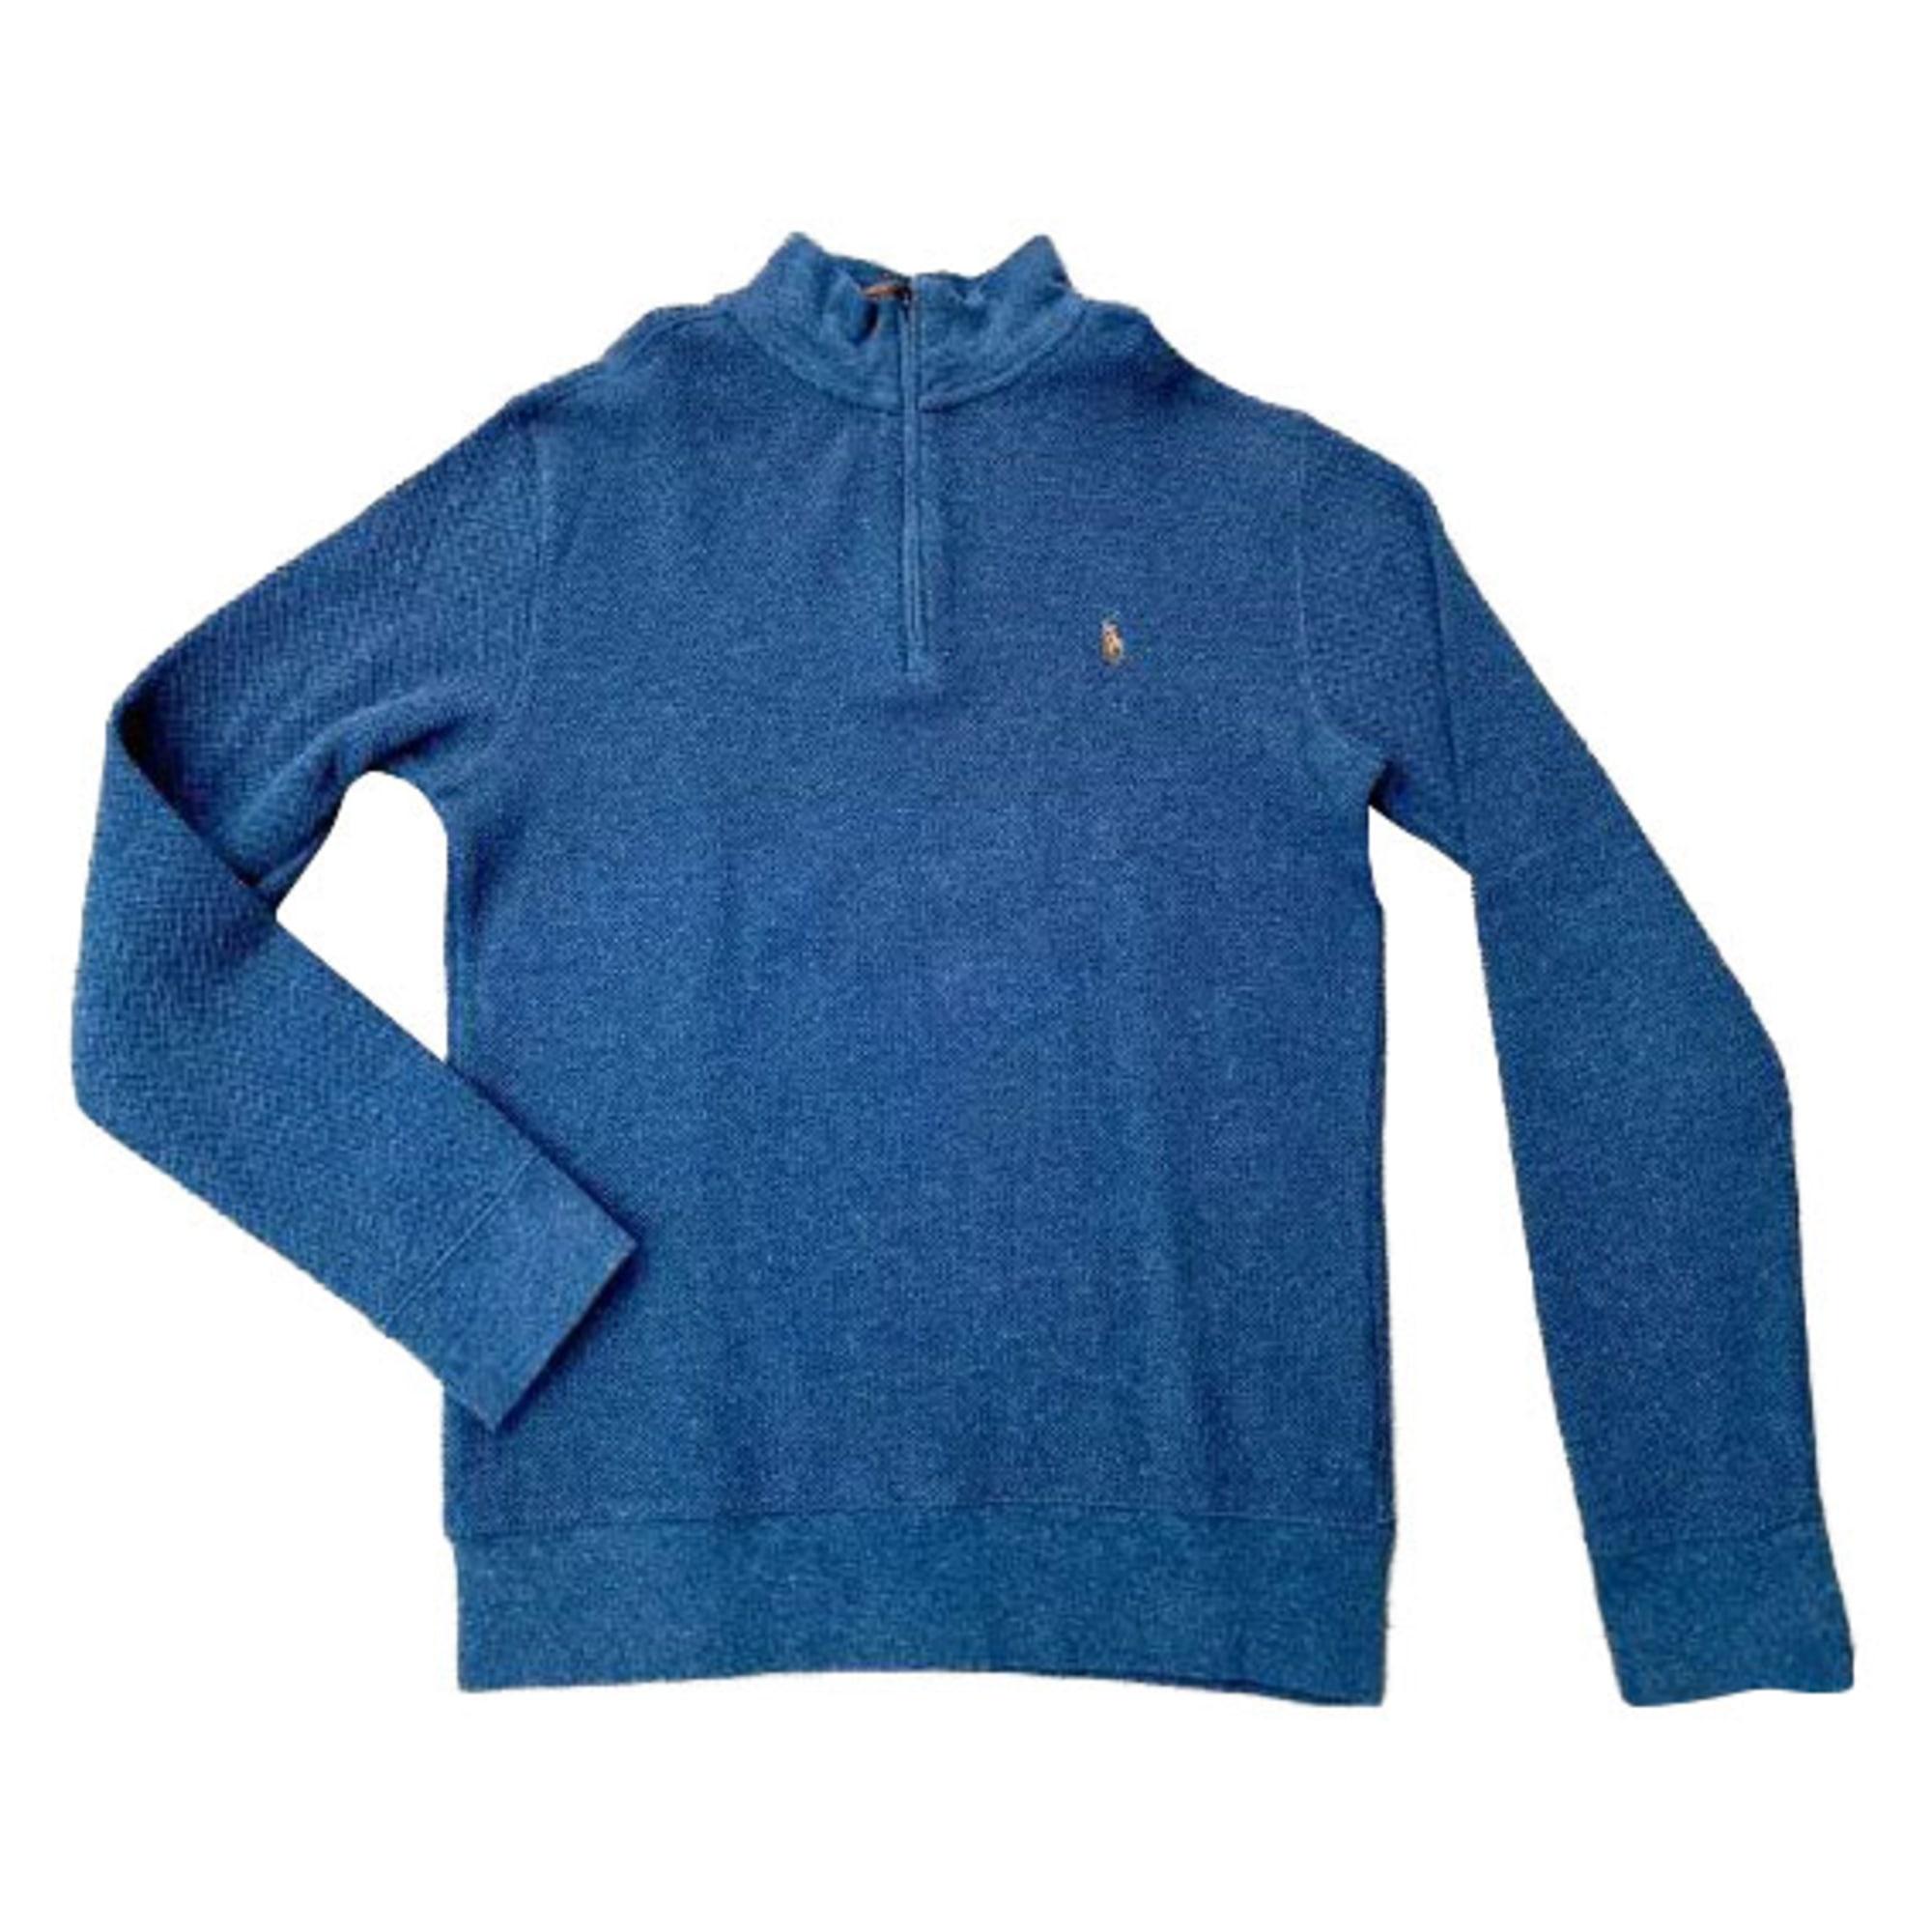 Pull RALPH LAUREN Bleu, bleu marine, bleu turquoise